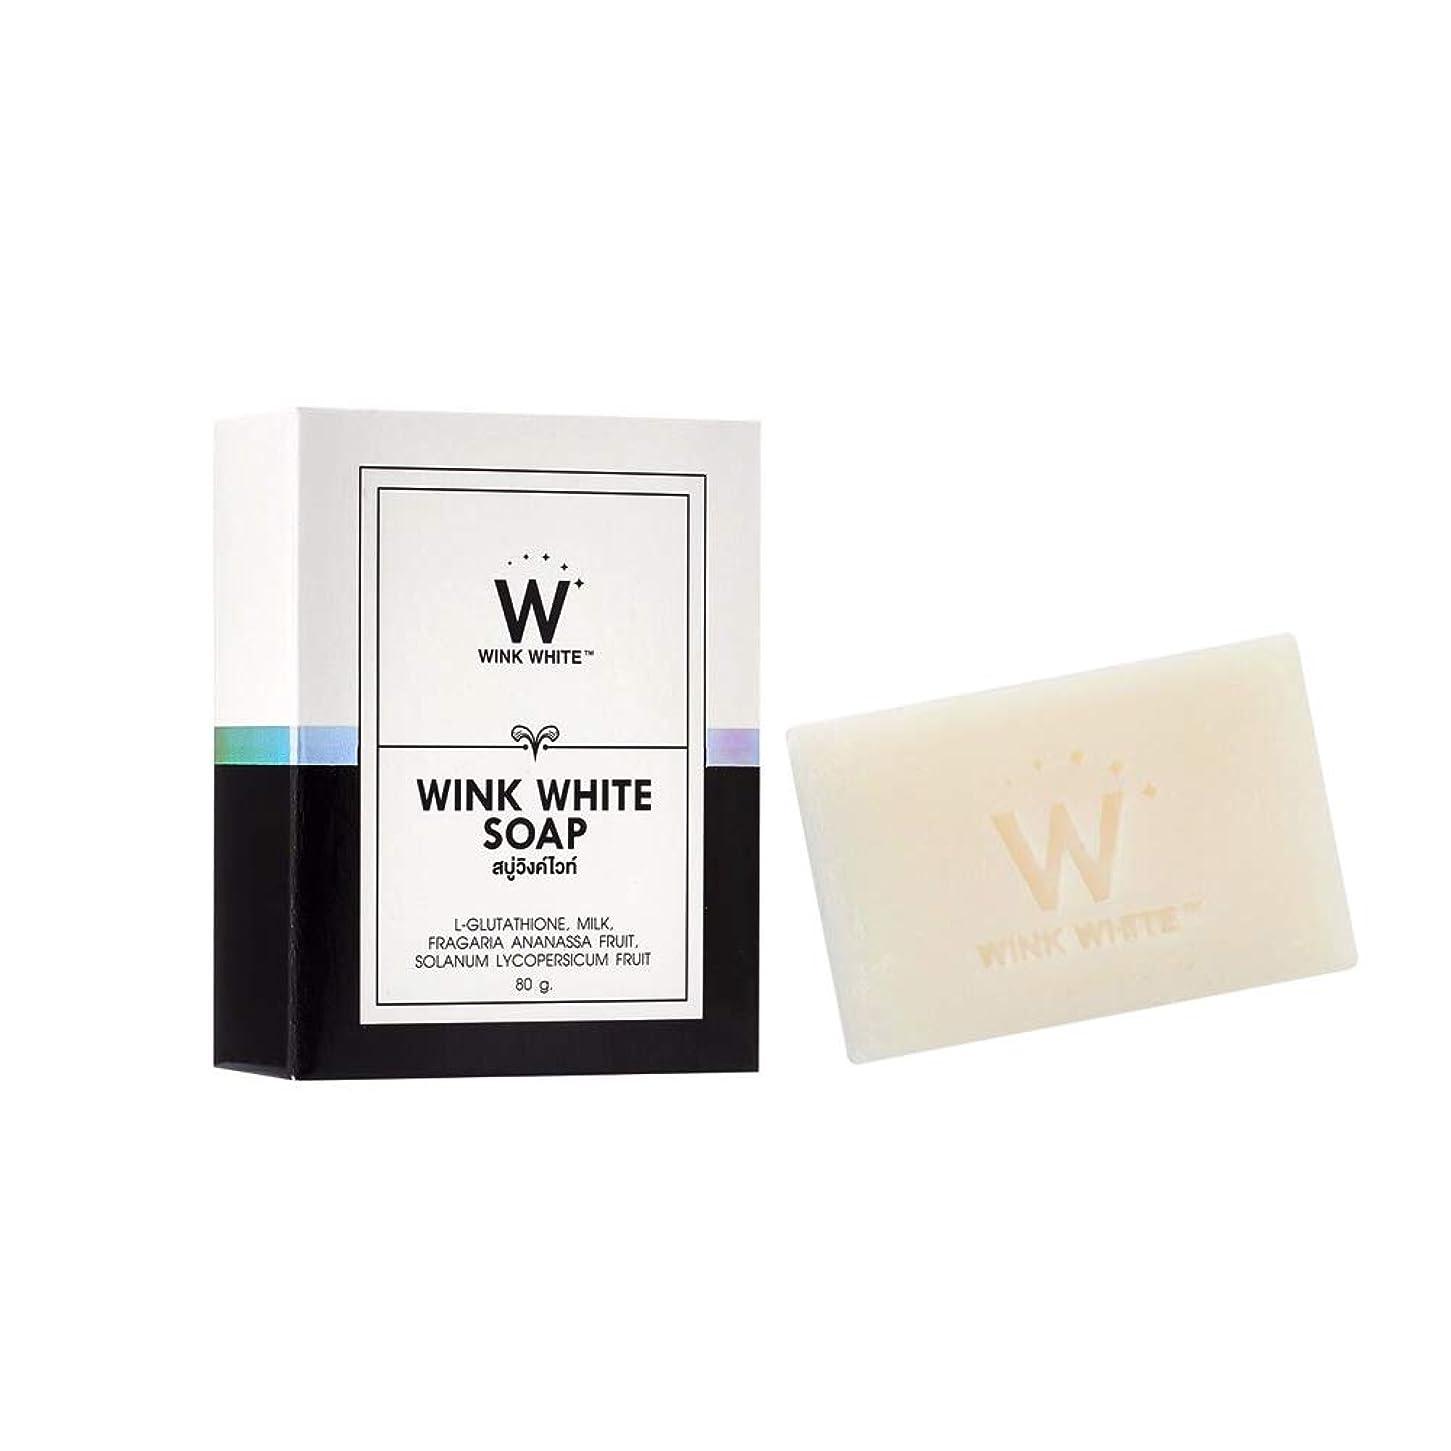 ミルクうんの間にSoap Net Nature White Soap Base Wink White Soap Gluta Pure Skin Body Whitening Strawberry for Whitening Skin All Natural Milled Goats Milk